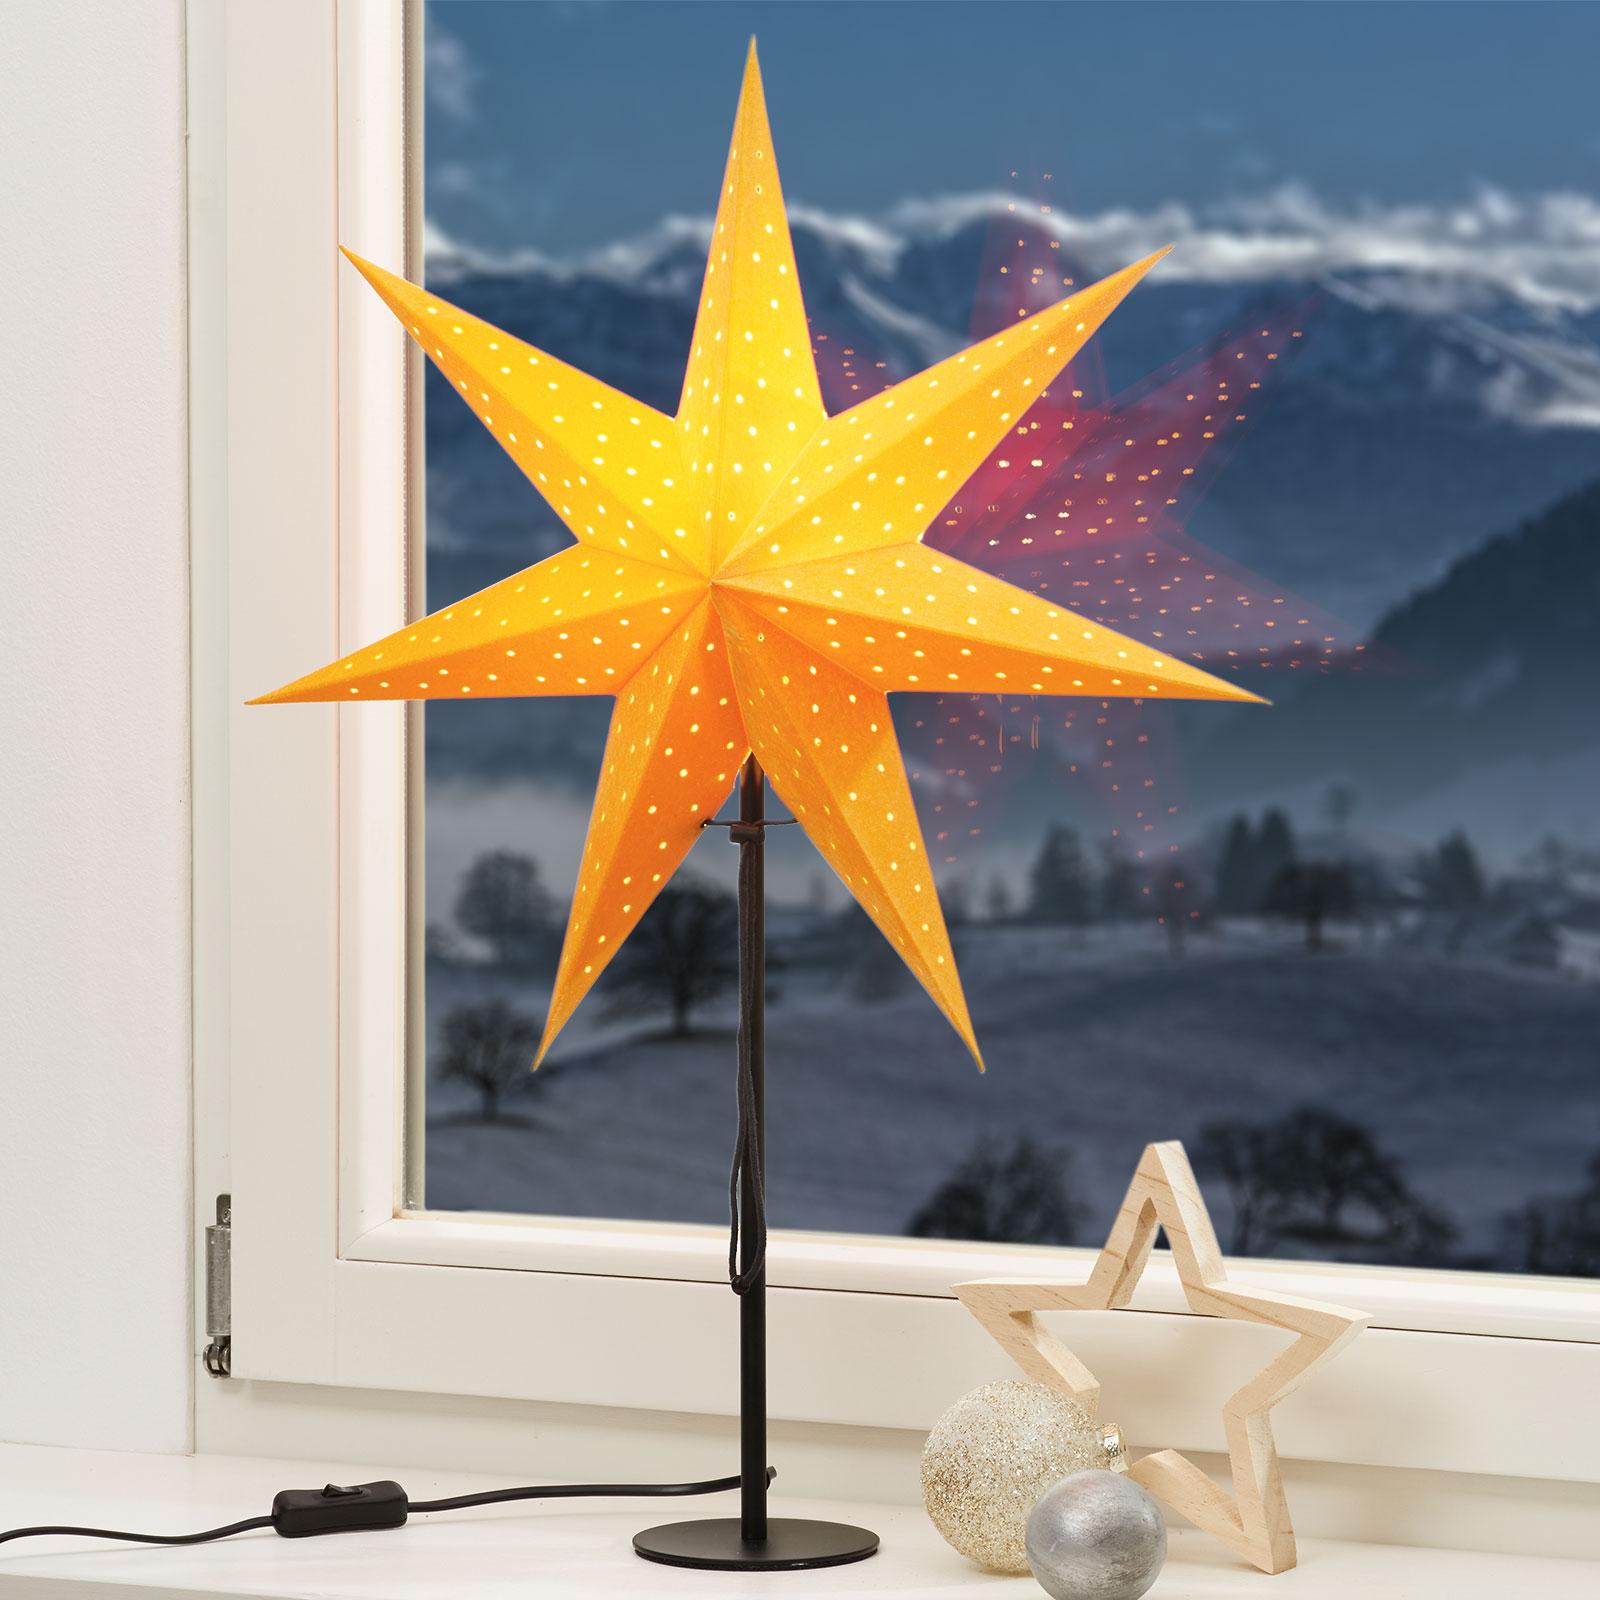 Gul s.stjerne Clara, fløyel-optikk, svart fot